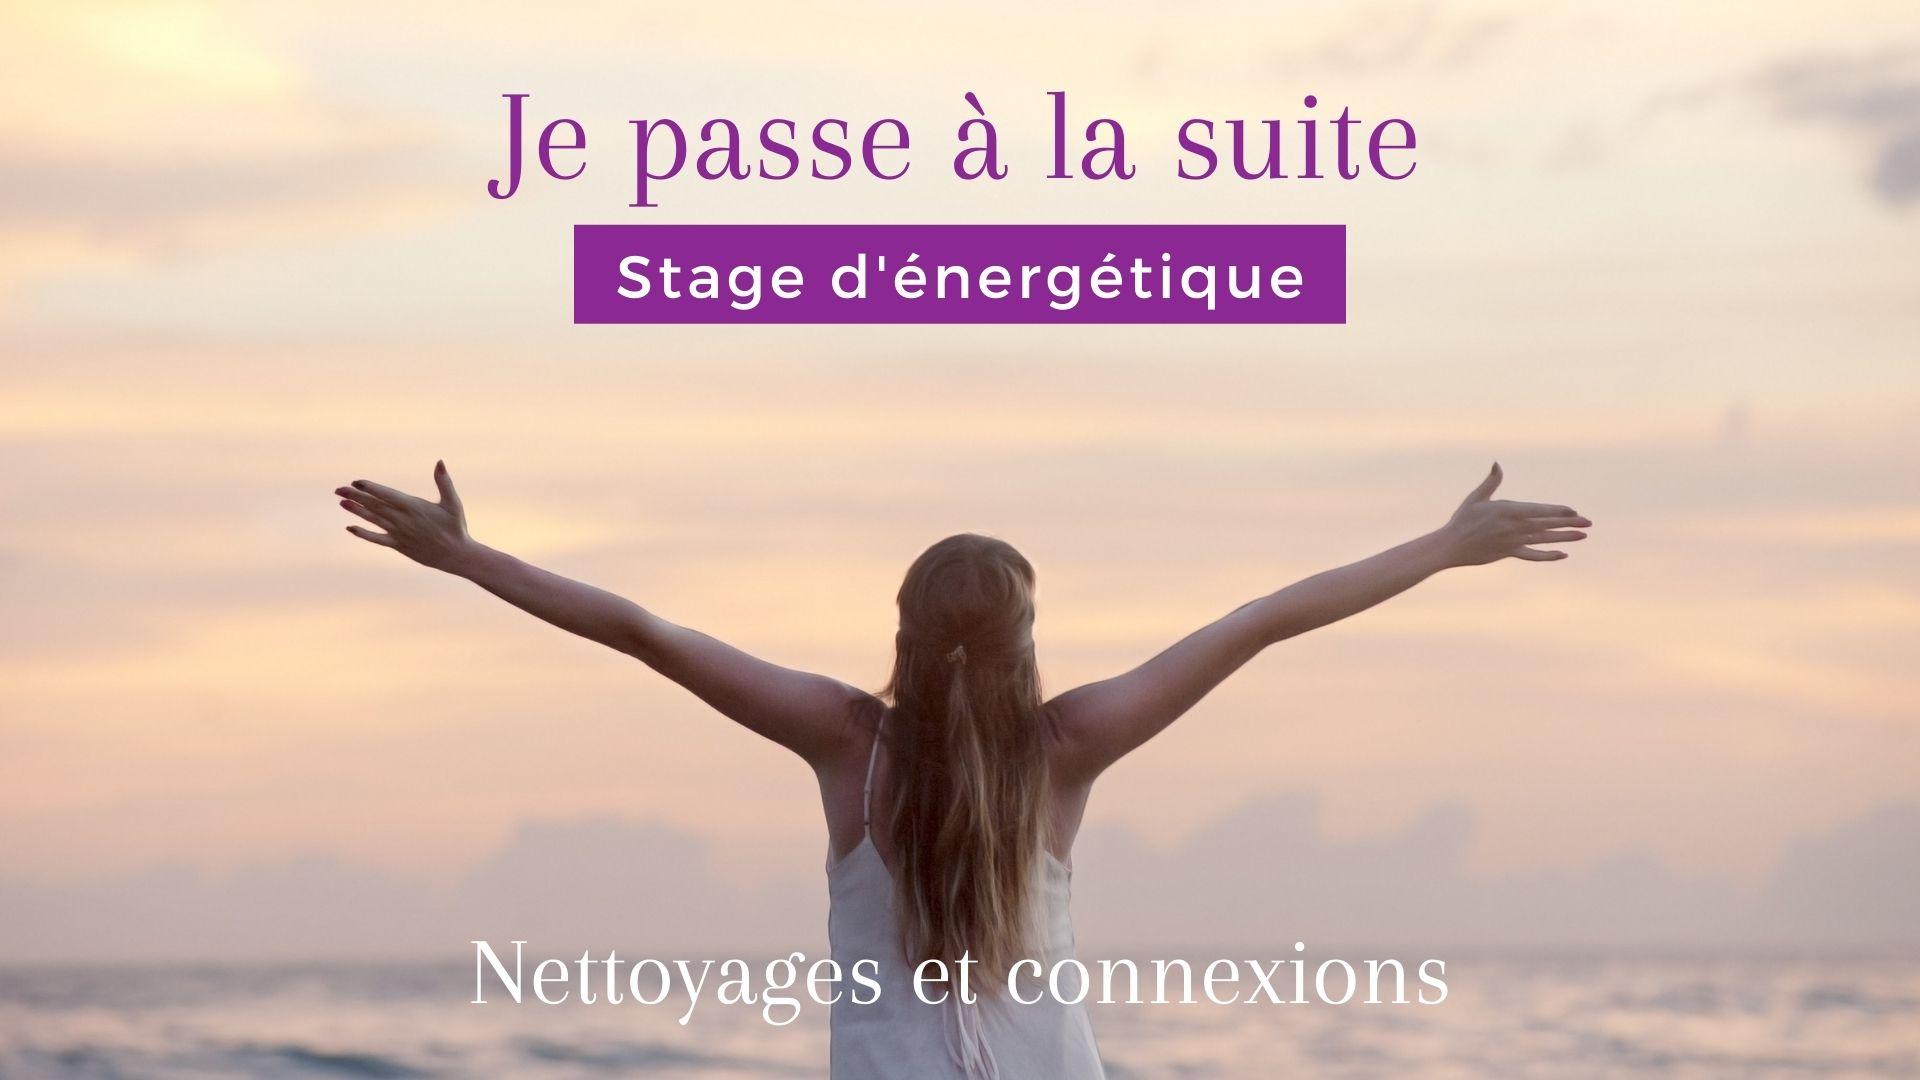 Stage d'énergétique